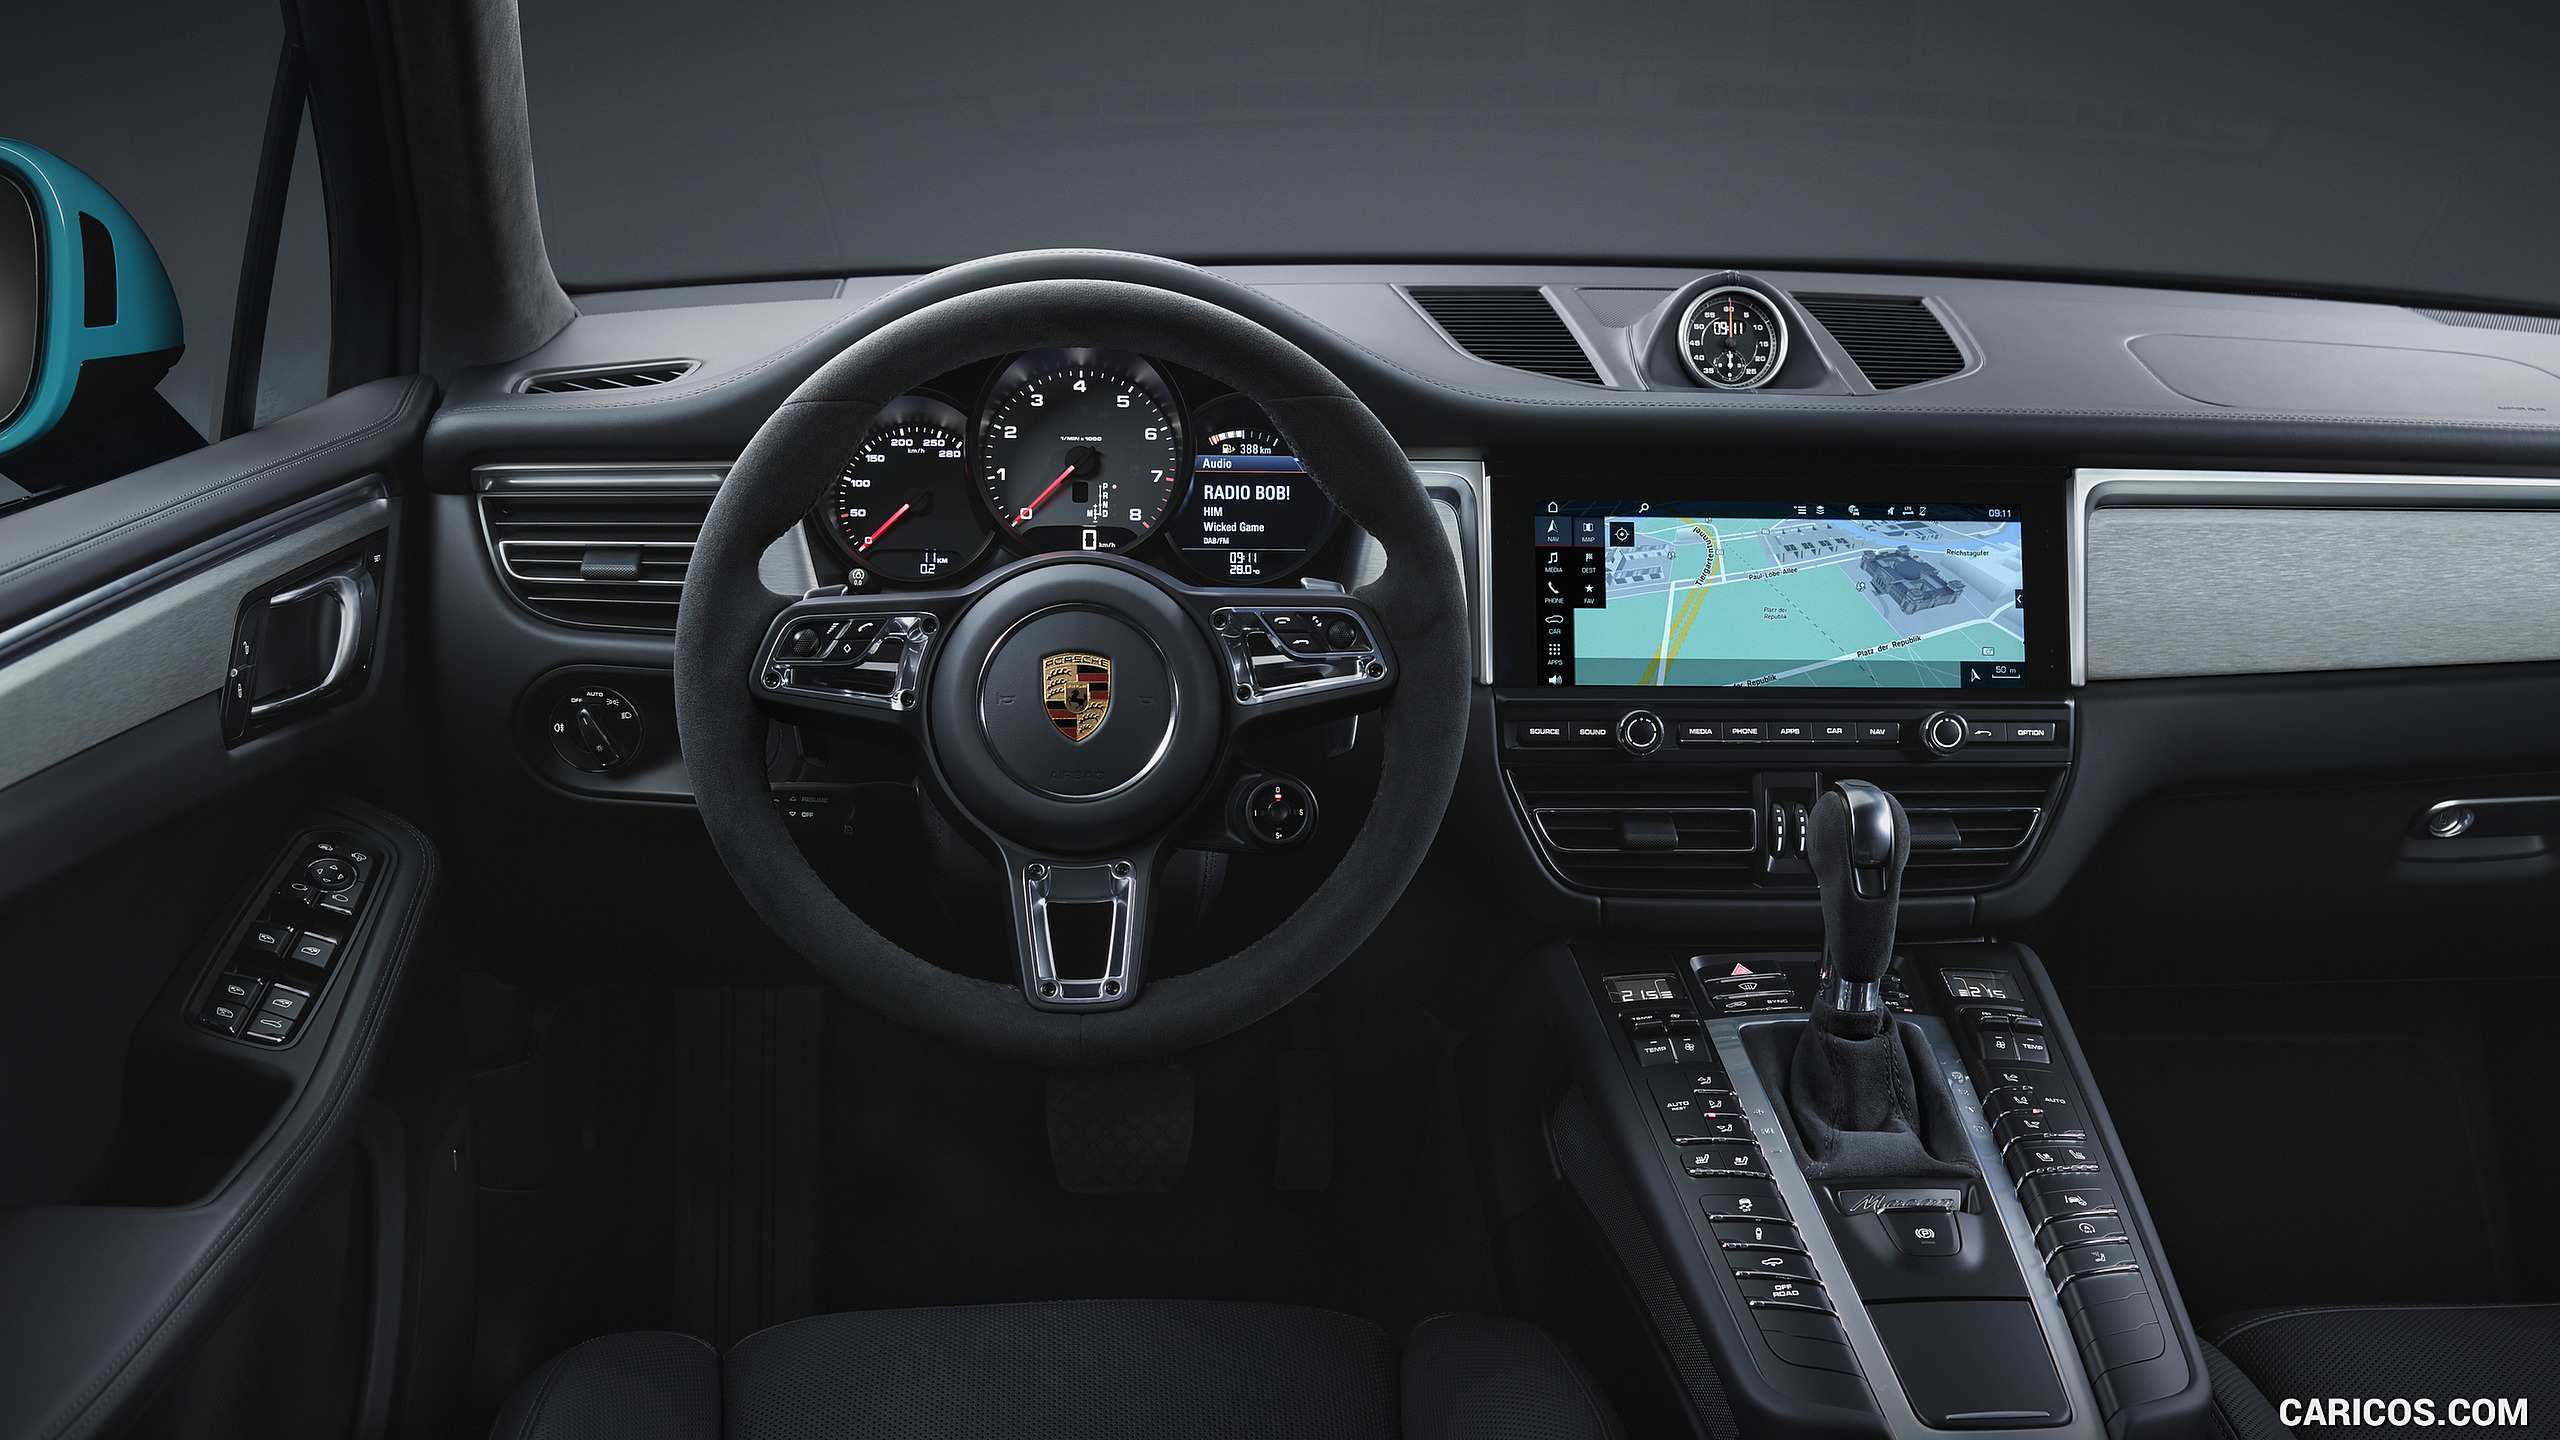 24 New 2019 Porsche Macan Interior Reviews by 2019 Porsche Macan Interior